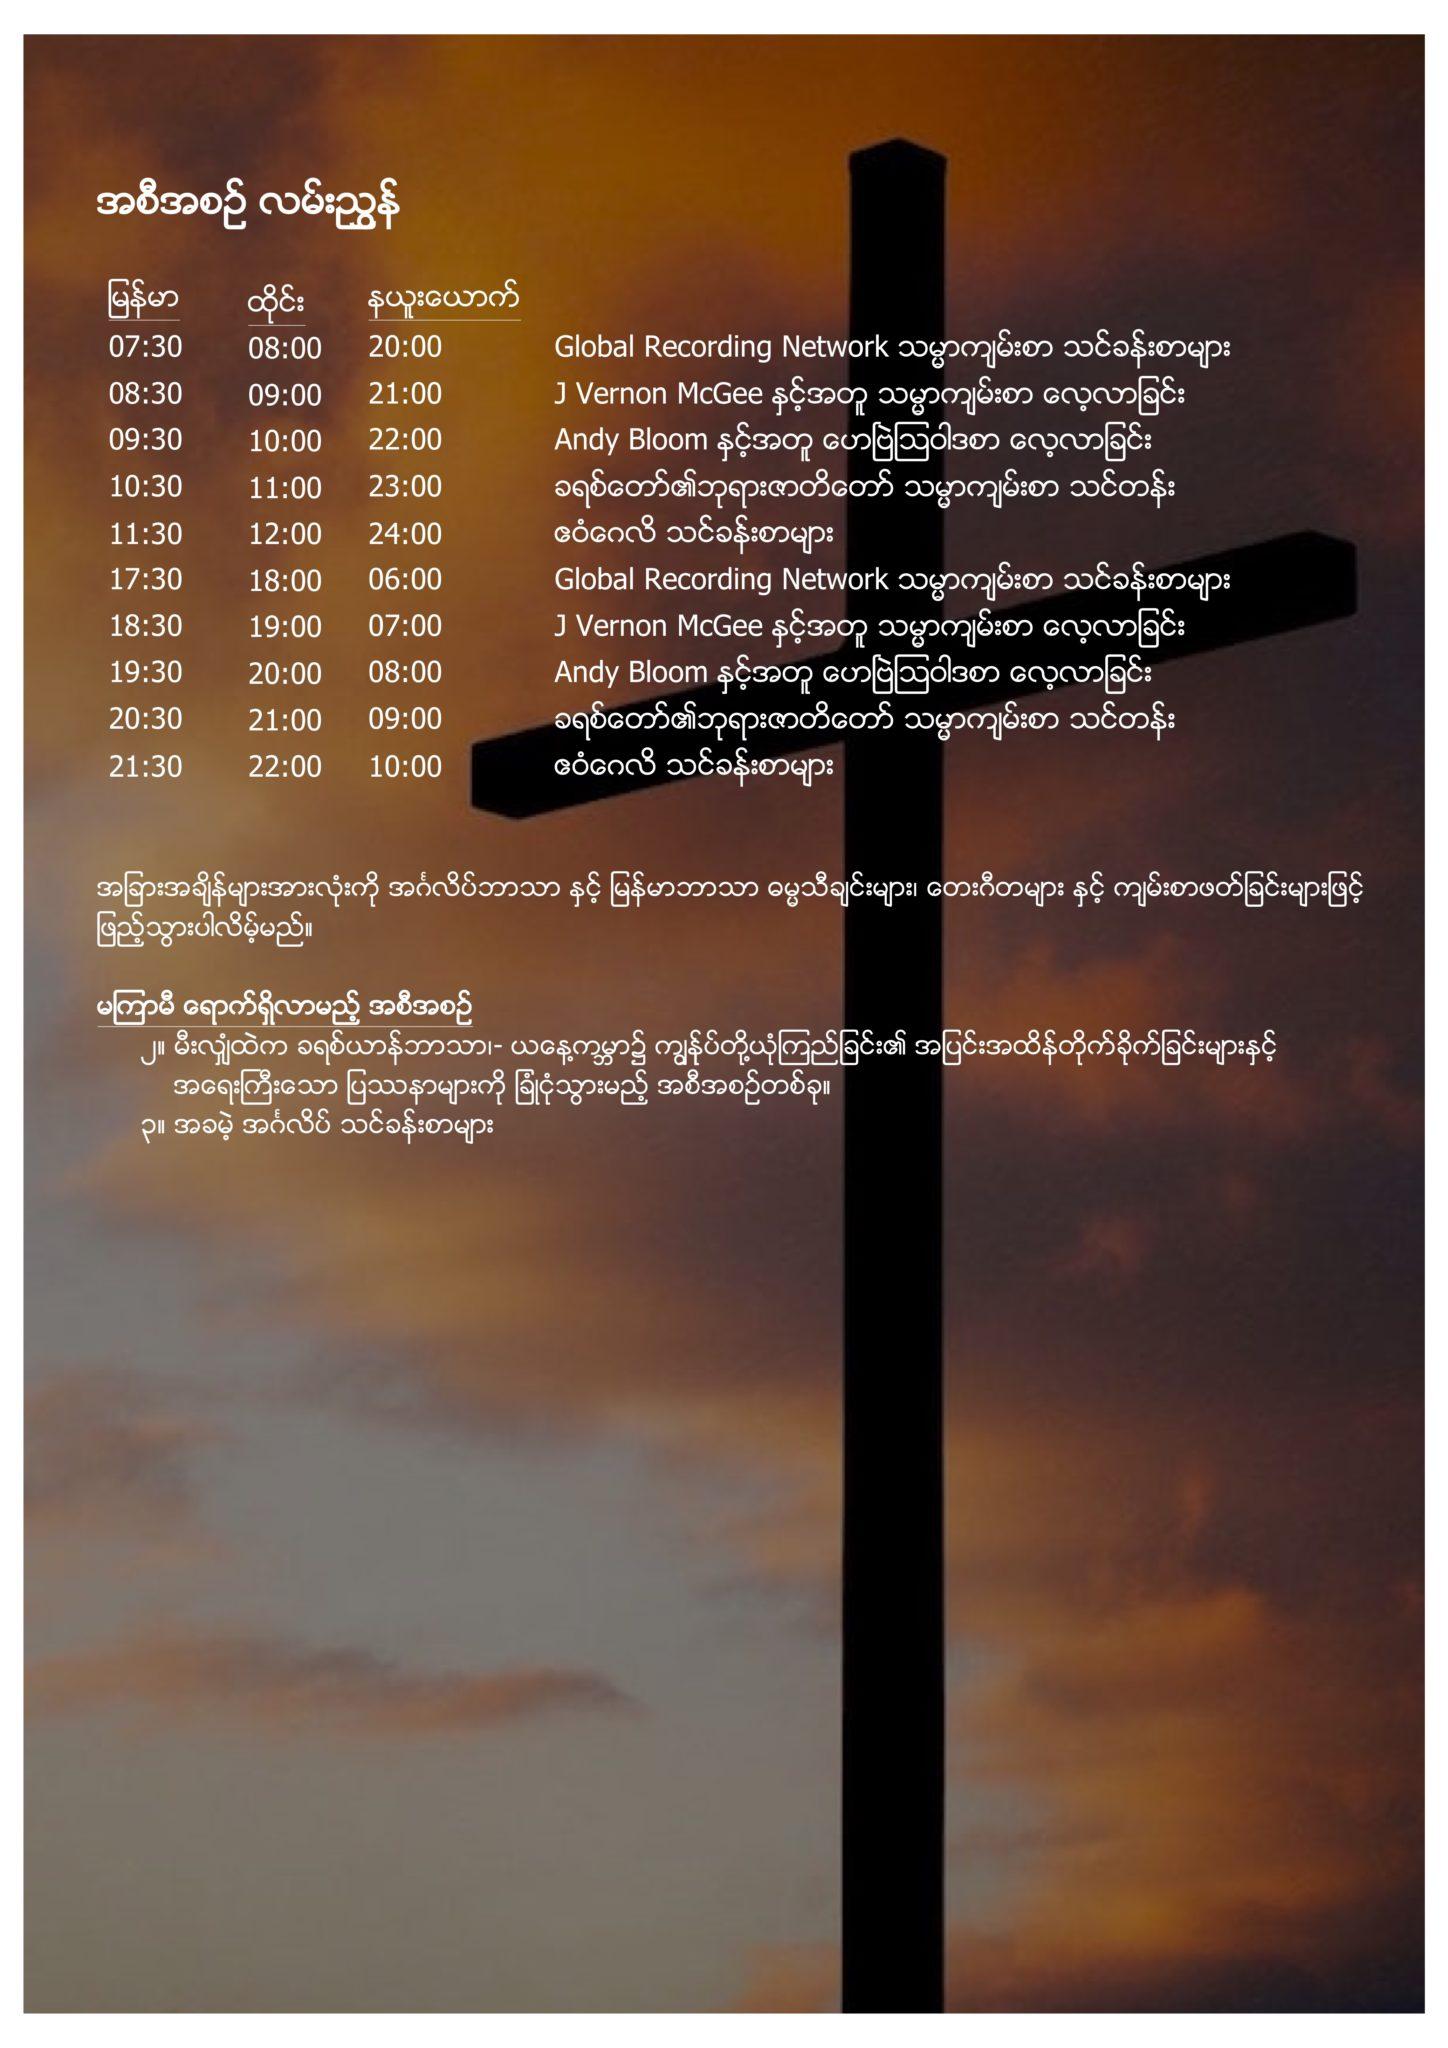 schedule burmese not DLS image